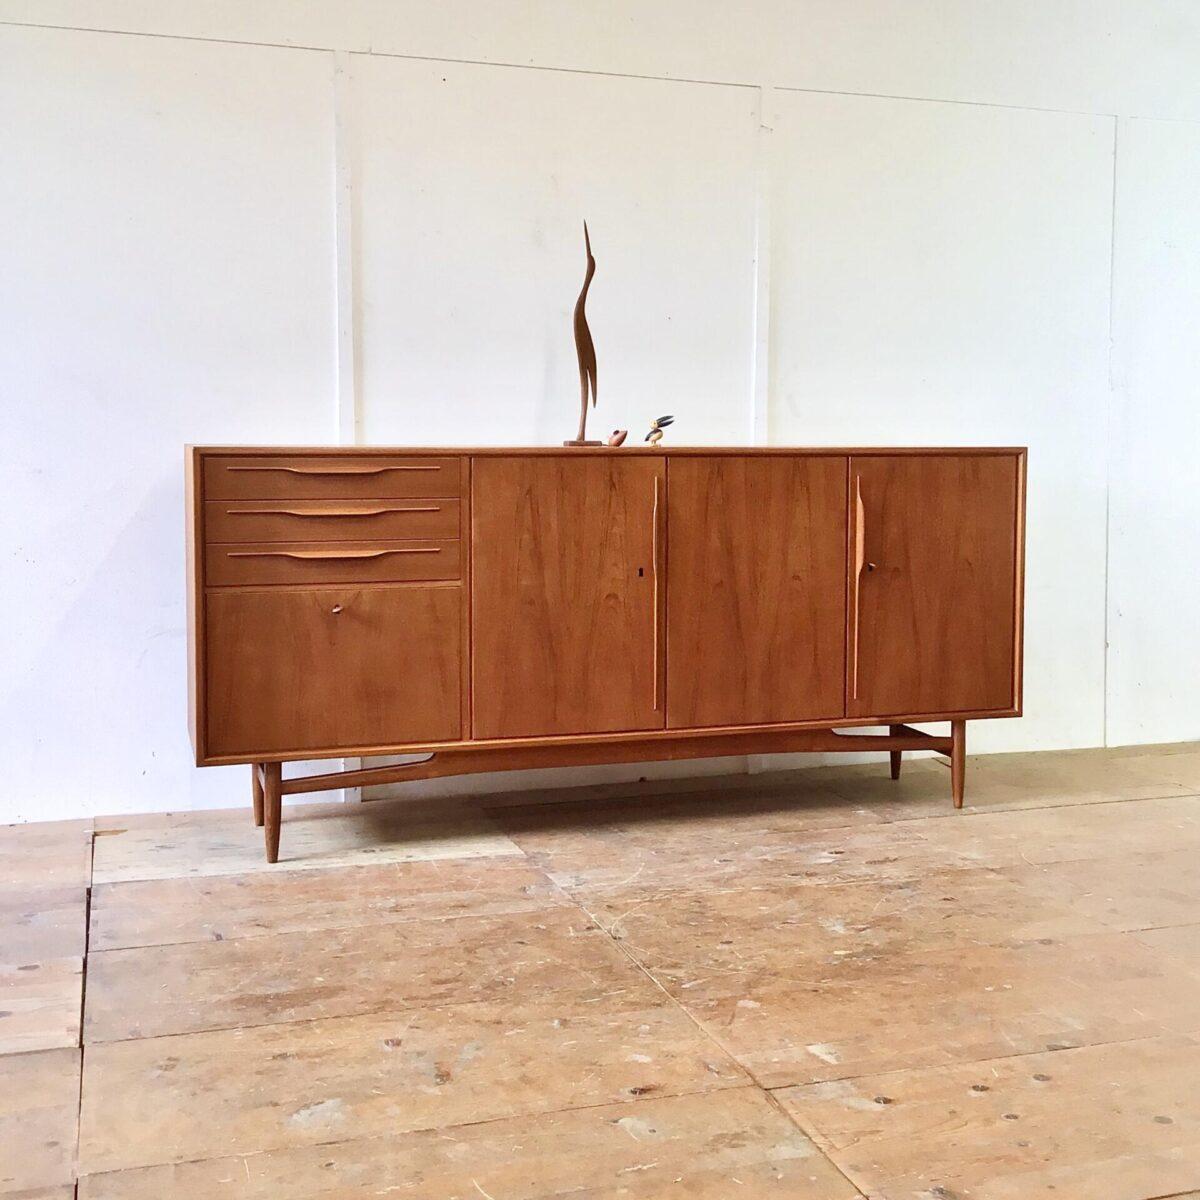 Midcentury Sideboard von swiss teak. 220x47cm Höhe 99.5cm. Grosses sehr gut erhaltenes Sideboard aus den 60er Jahren. Unaufgeregtes Design und sehr hochwertig verarbeitet. Die konischen Runden Beine mit den geschwungenen Verstrebungen gefallen mir besonders gut. Auch die halbrunden, in die Länge gezogenen, Holzgriffe sind immer wieder schön anzuschauen. Hinter den Türen hat es zwei Tablare. Unter den drei Schubladen befindet sich das Barfach, mit Klappe und geschwärztem Glas Boden. Die Kommode ist mit zwei verschiedenen Schlüsseln abschliessbar, welche detailverliebt mit holz eingefasst sind.